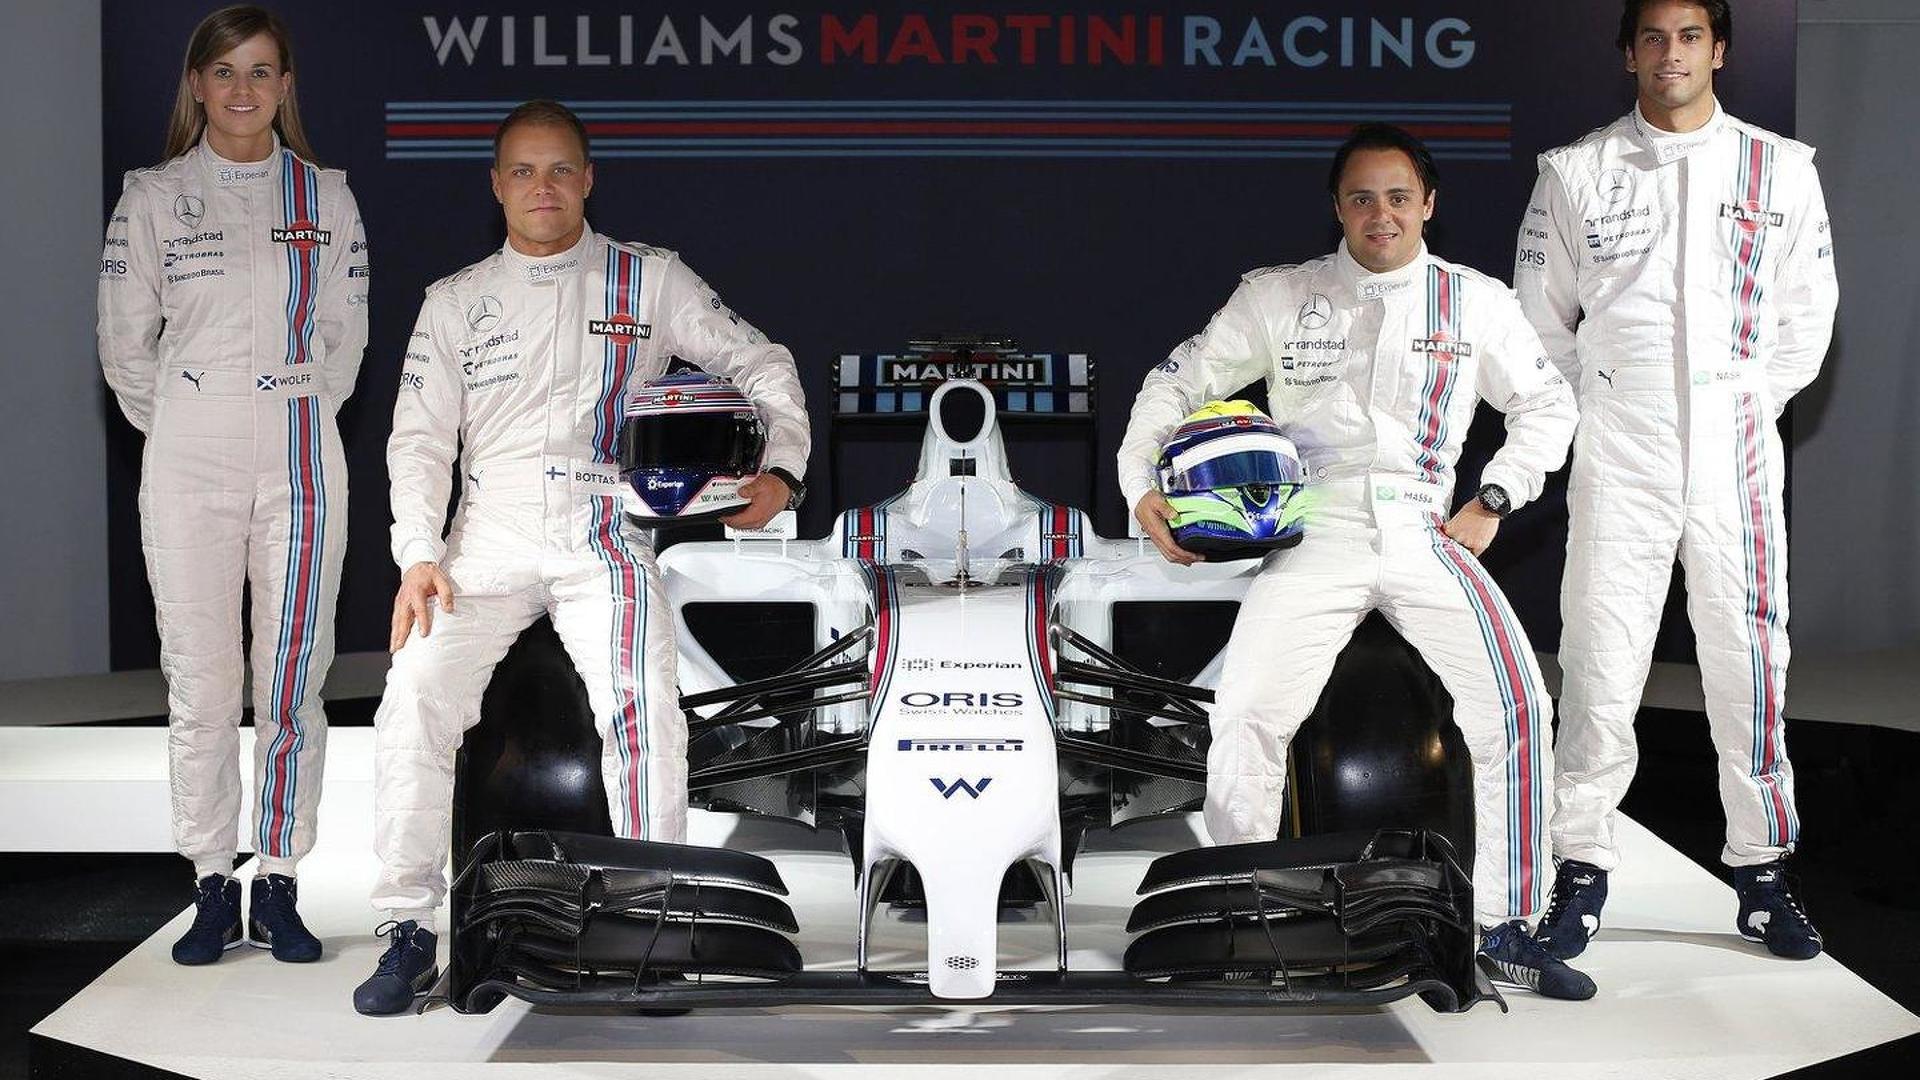 Paddock to celebrate 'popular' Williams revival